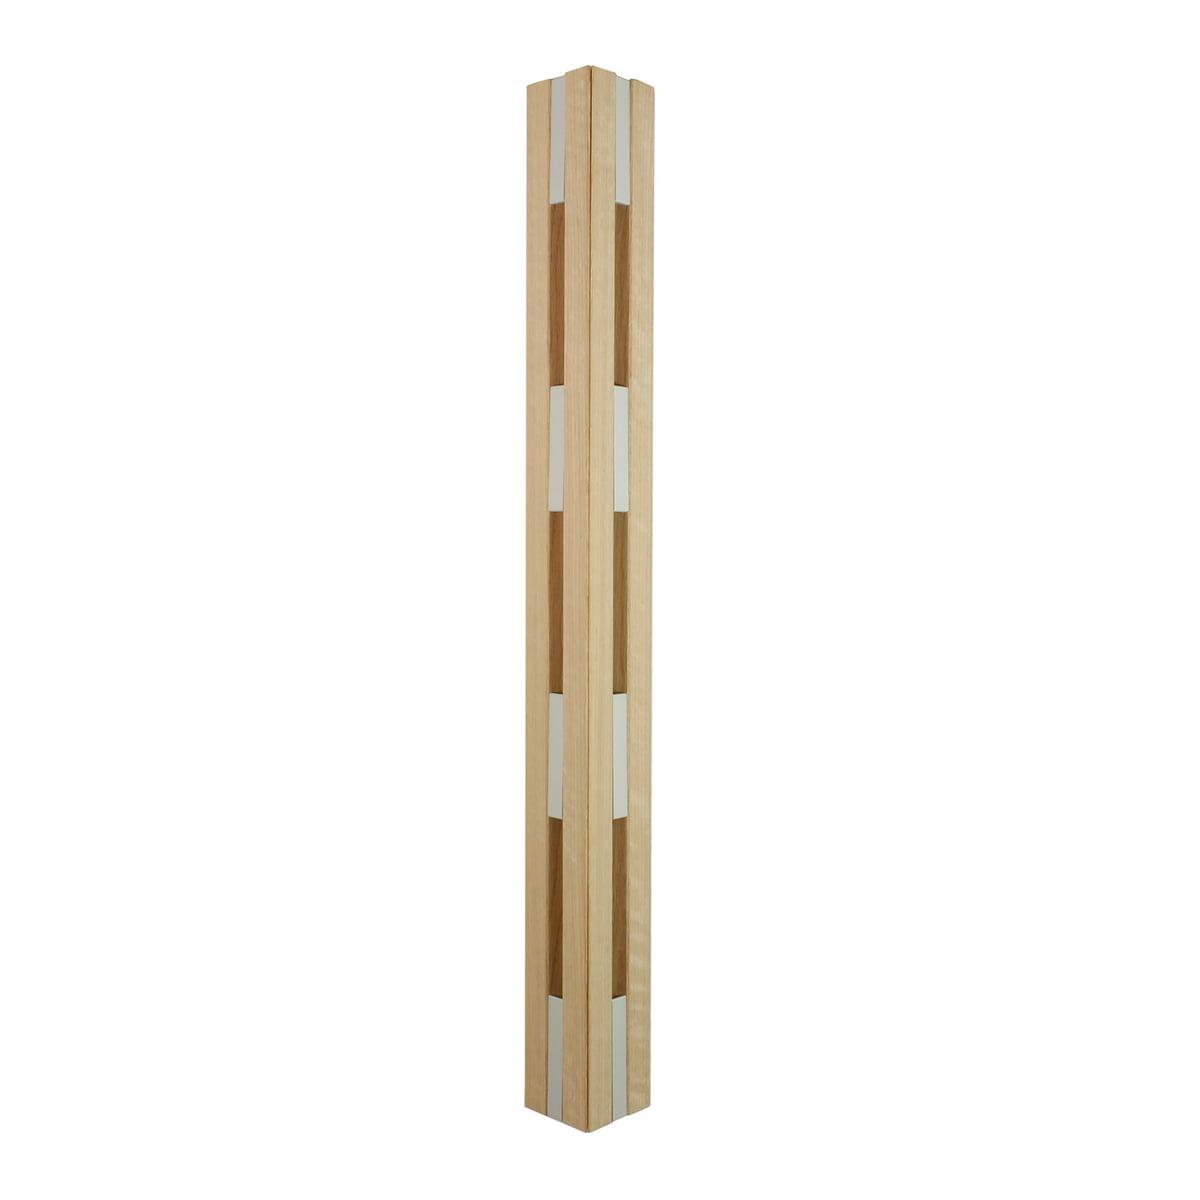 Grau Holz Eiche Garderobenpaneele Online Kaufen Möbel Suchmaschine